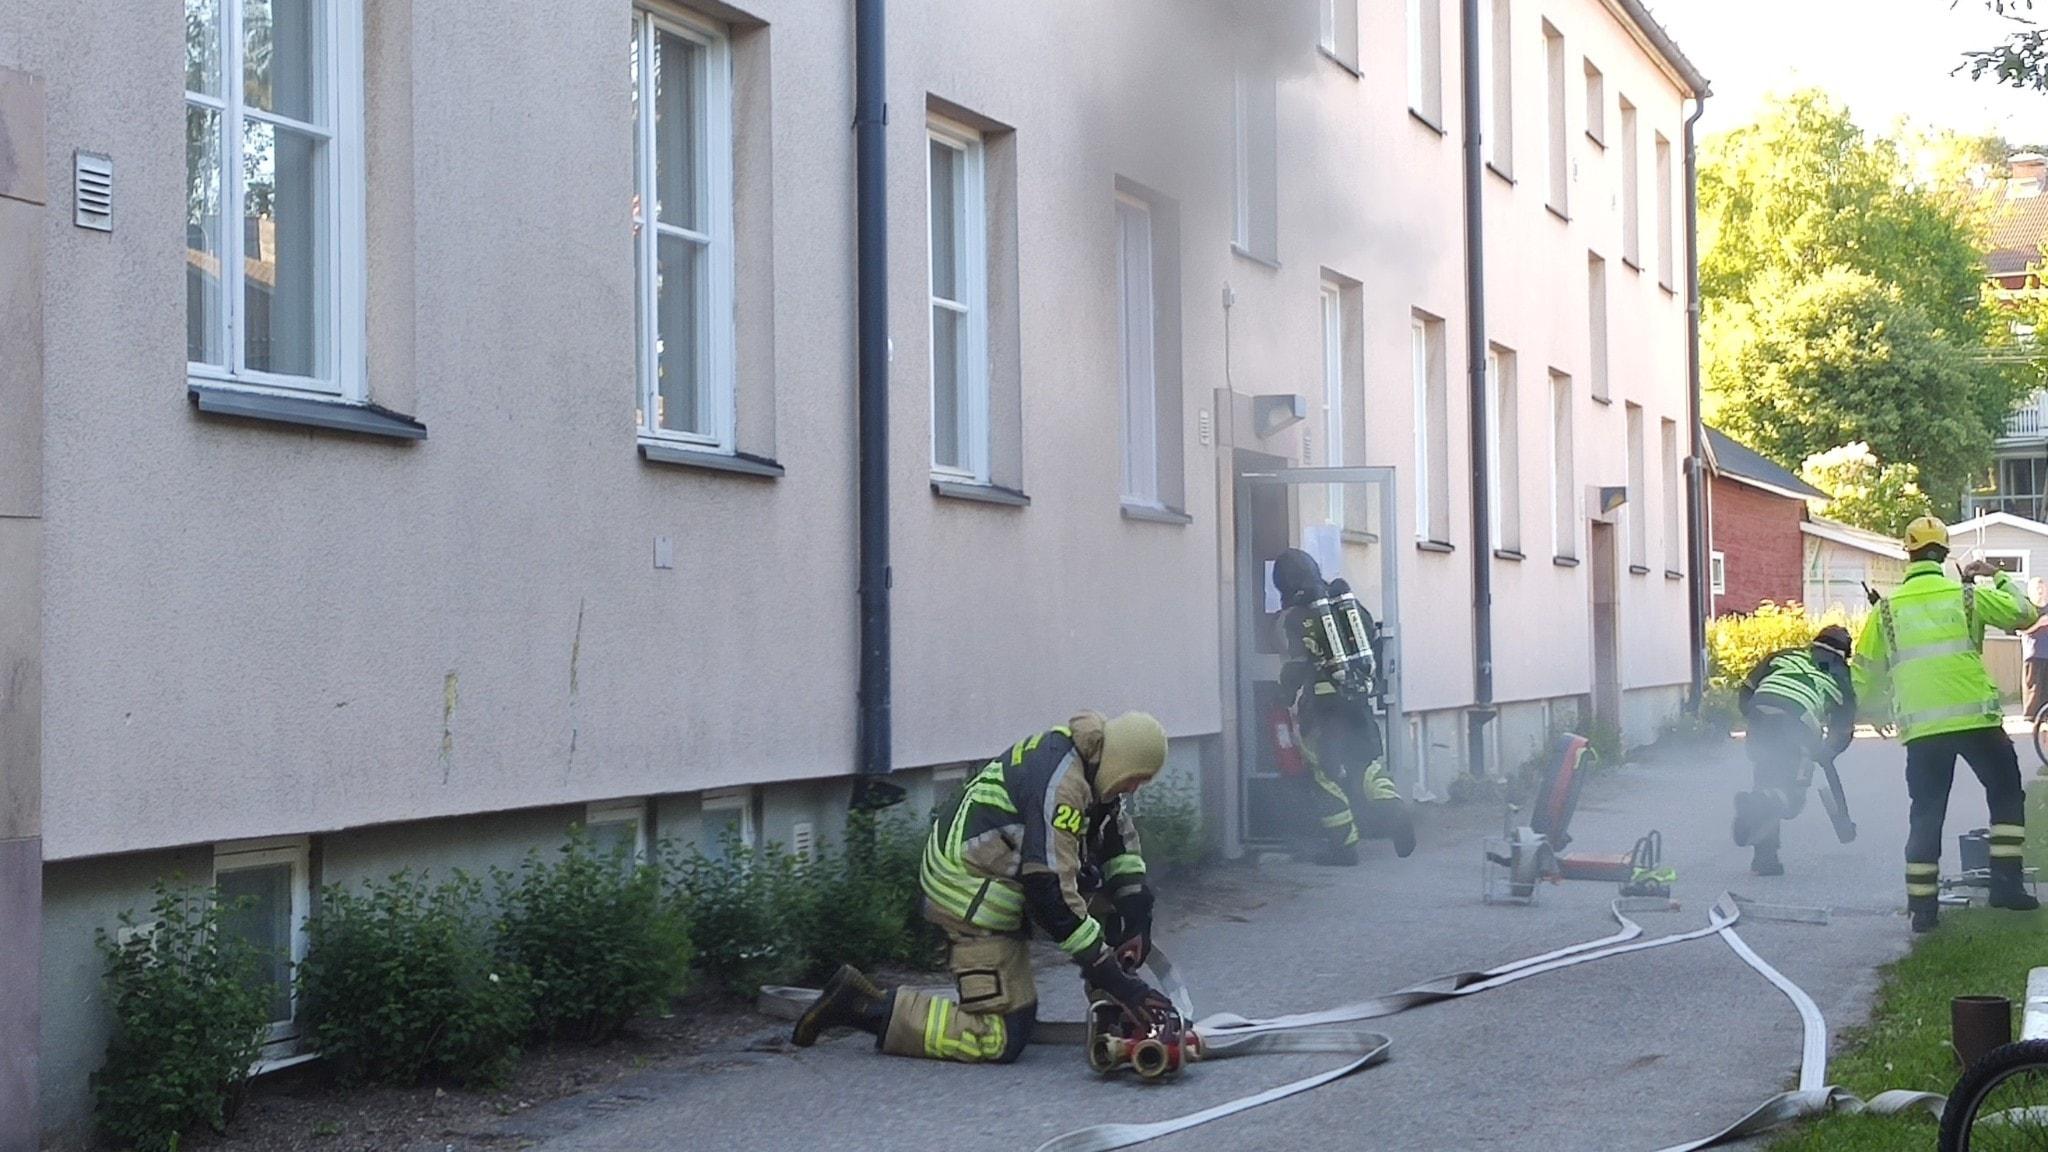 ppen verksamhet i Linkping | garagesale24.net